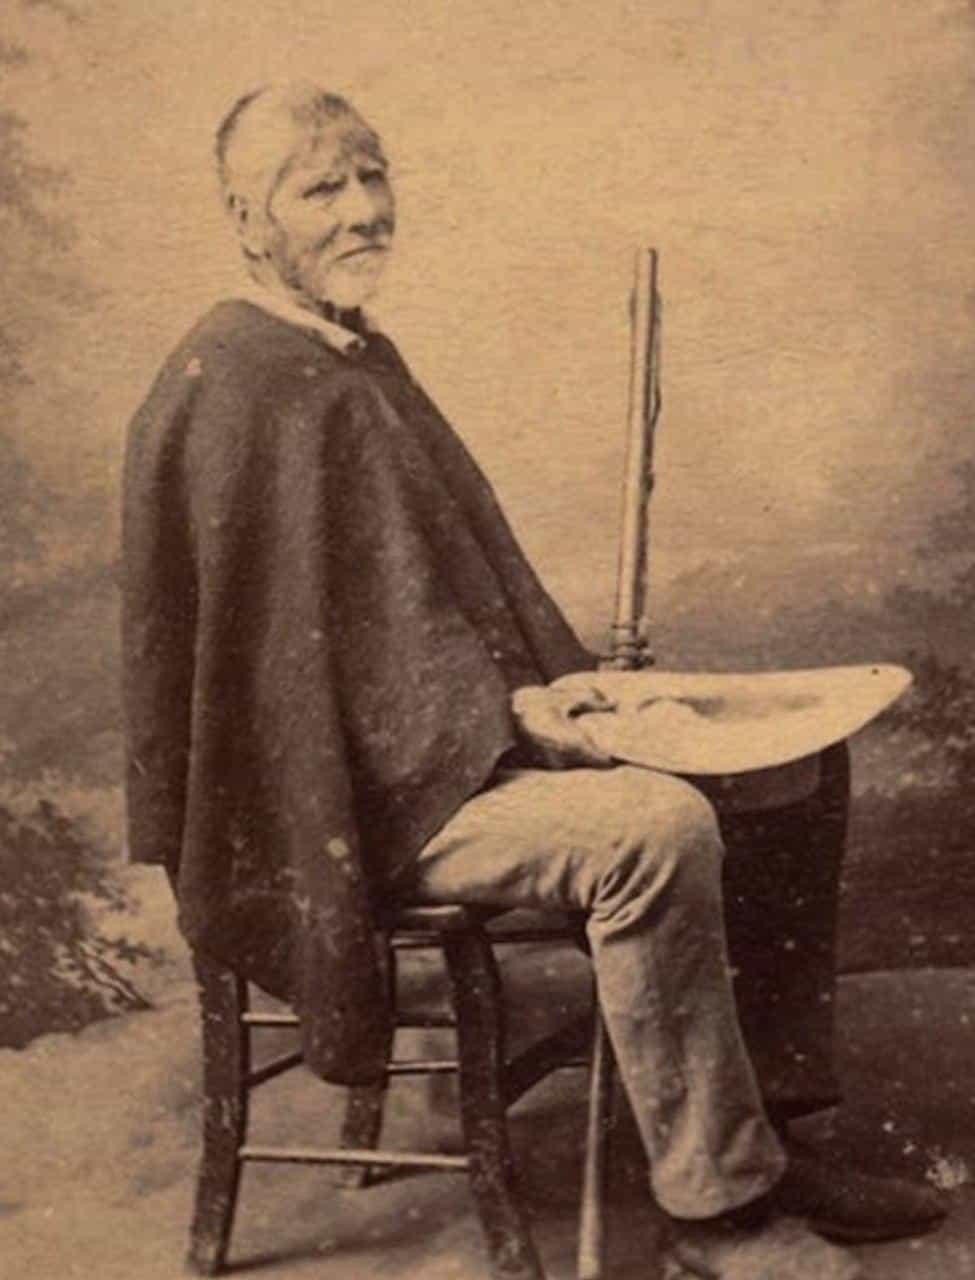 Fotografía tomada a Pedro Pascasio Martínez Rojas en su ancianidad, con la humildad en que siempre vivió. Foto: archivo particular